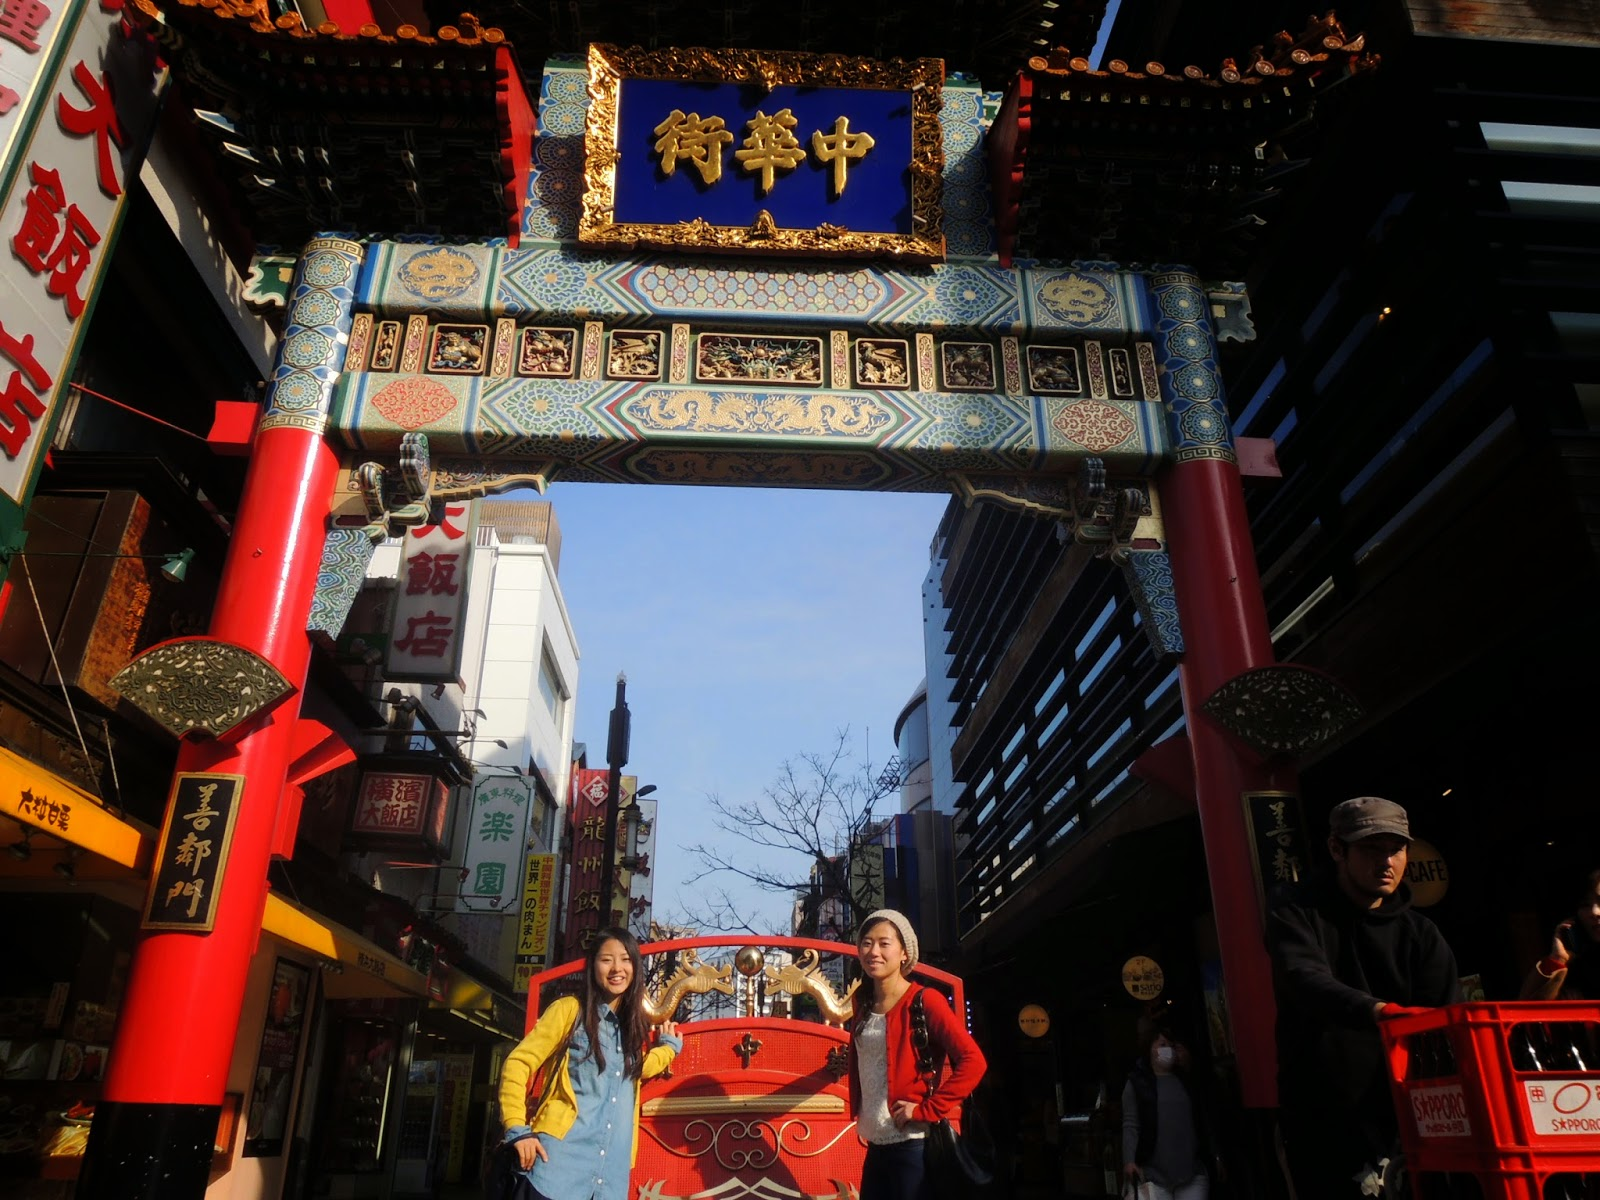 横浜観光【横浜】中華街 Yokohama Chinatown